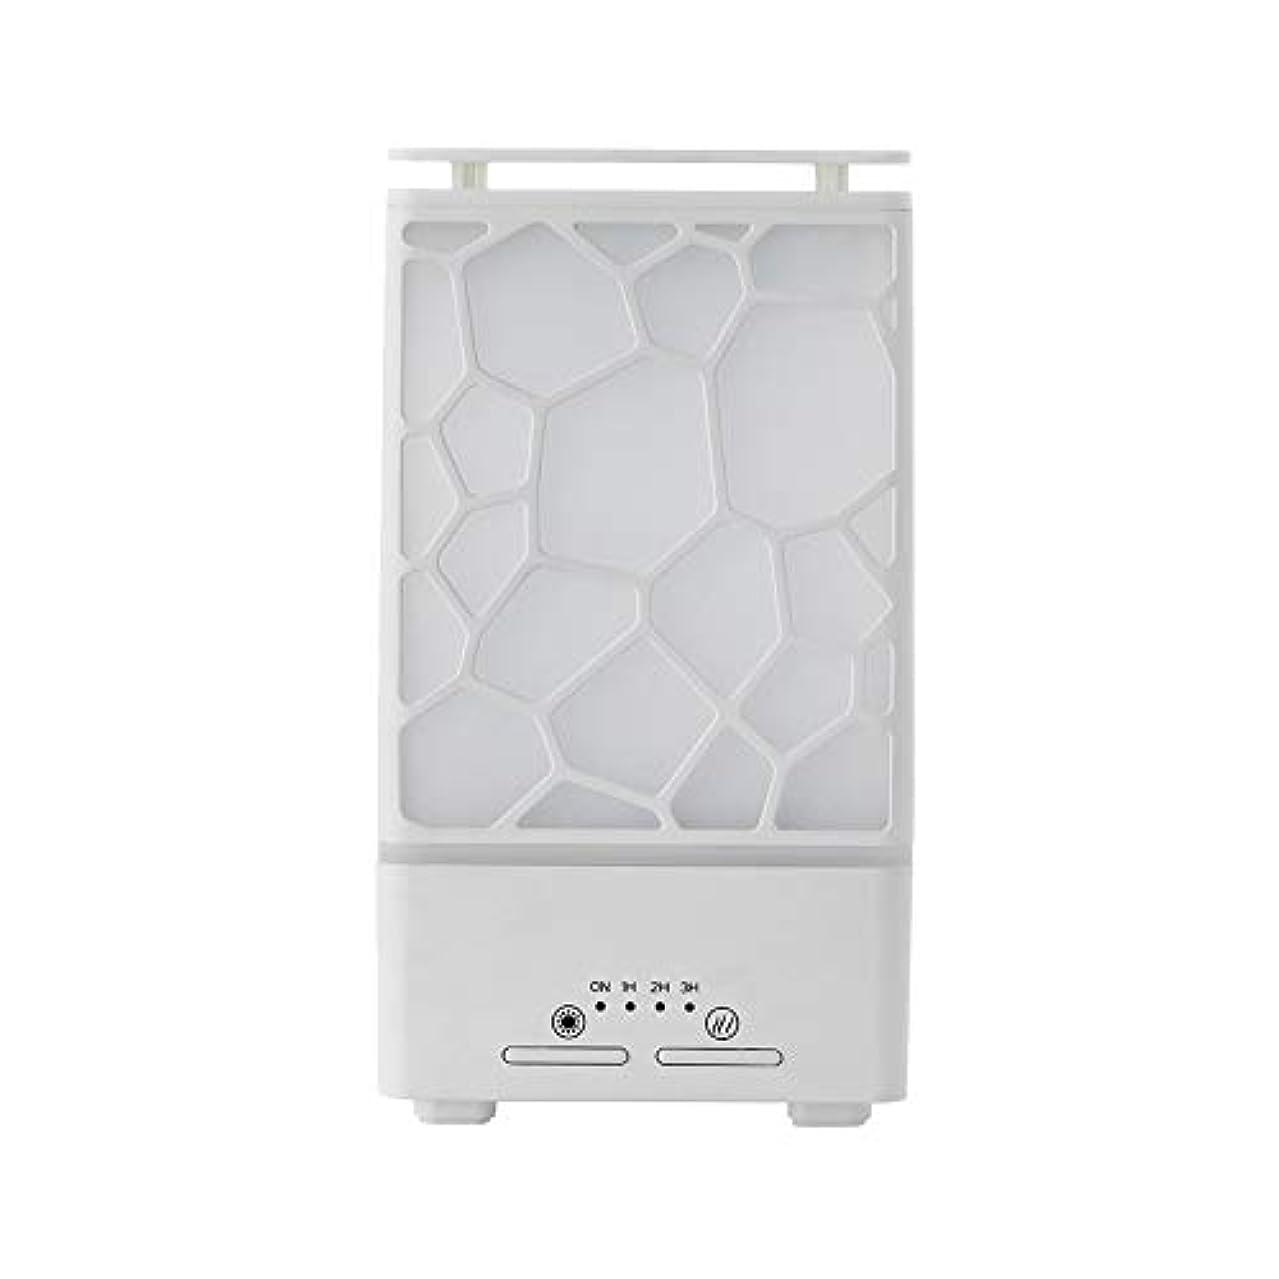 職業捨てるカタログyanQxIzbiu Essential Oil Diffuser Geometric Plaid Aroma Essential Oil Diffuser Home Office LED Lights Humidifier...